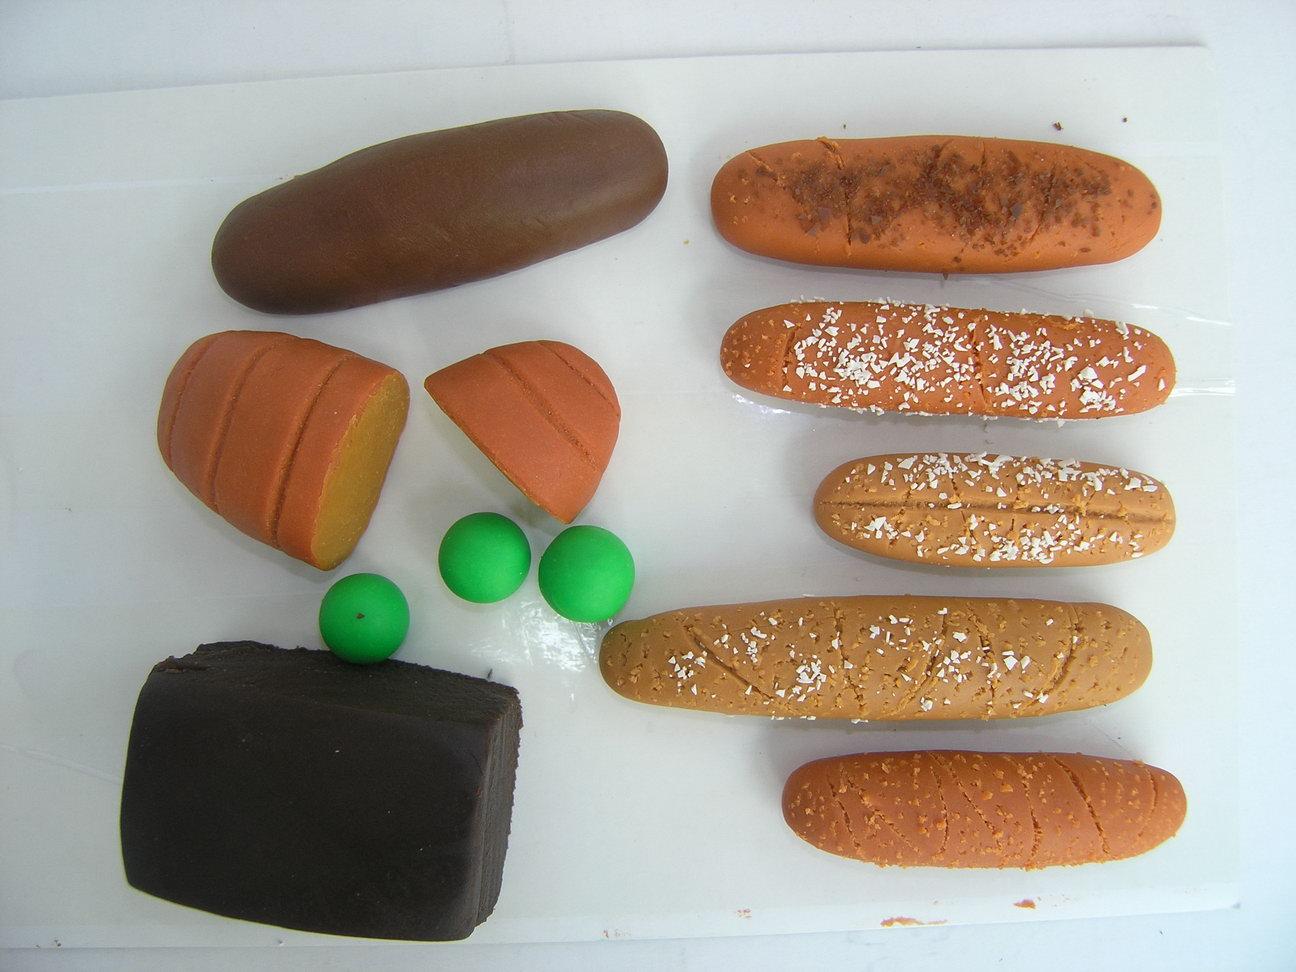 乖乖小妹,看看我用橡皮泥做的面包和甜点